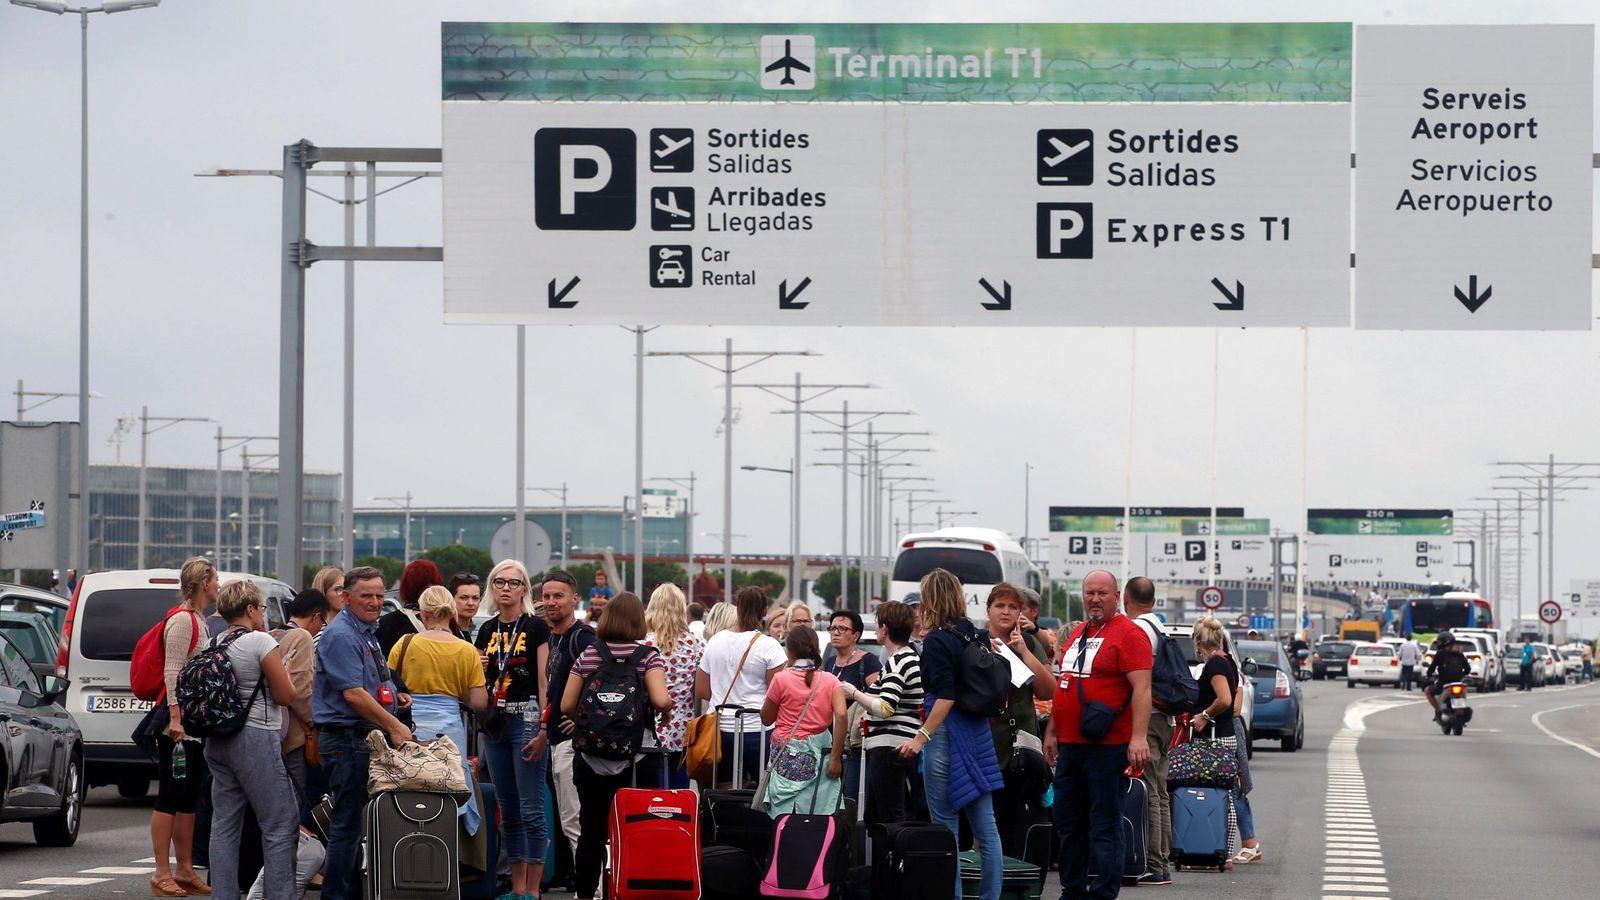 Foto: Accesos al aeropuerto Josep Tarradellas Barcelona - El Prat. (EFE)